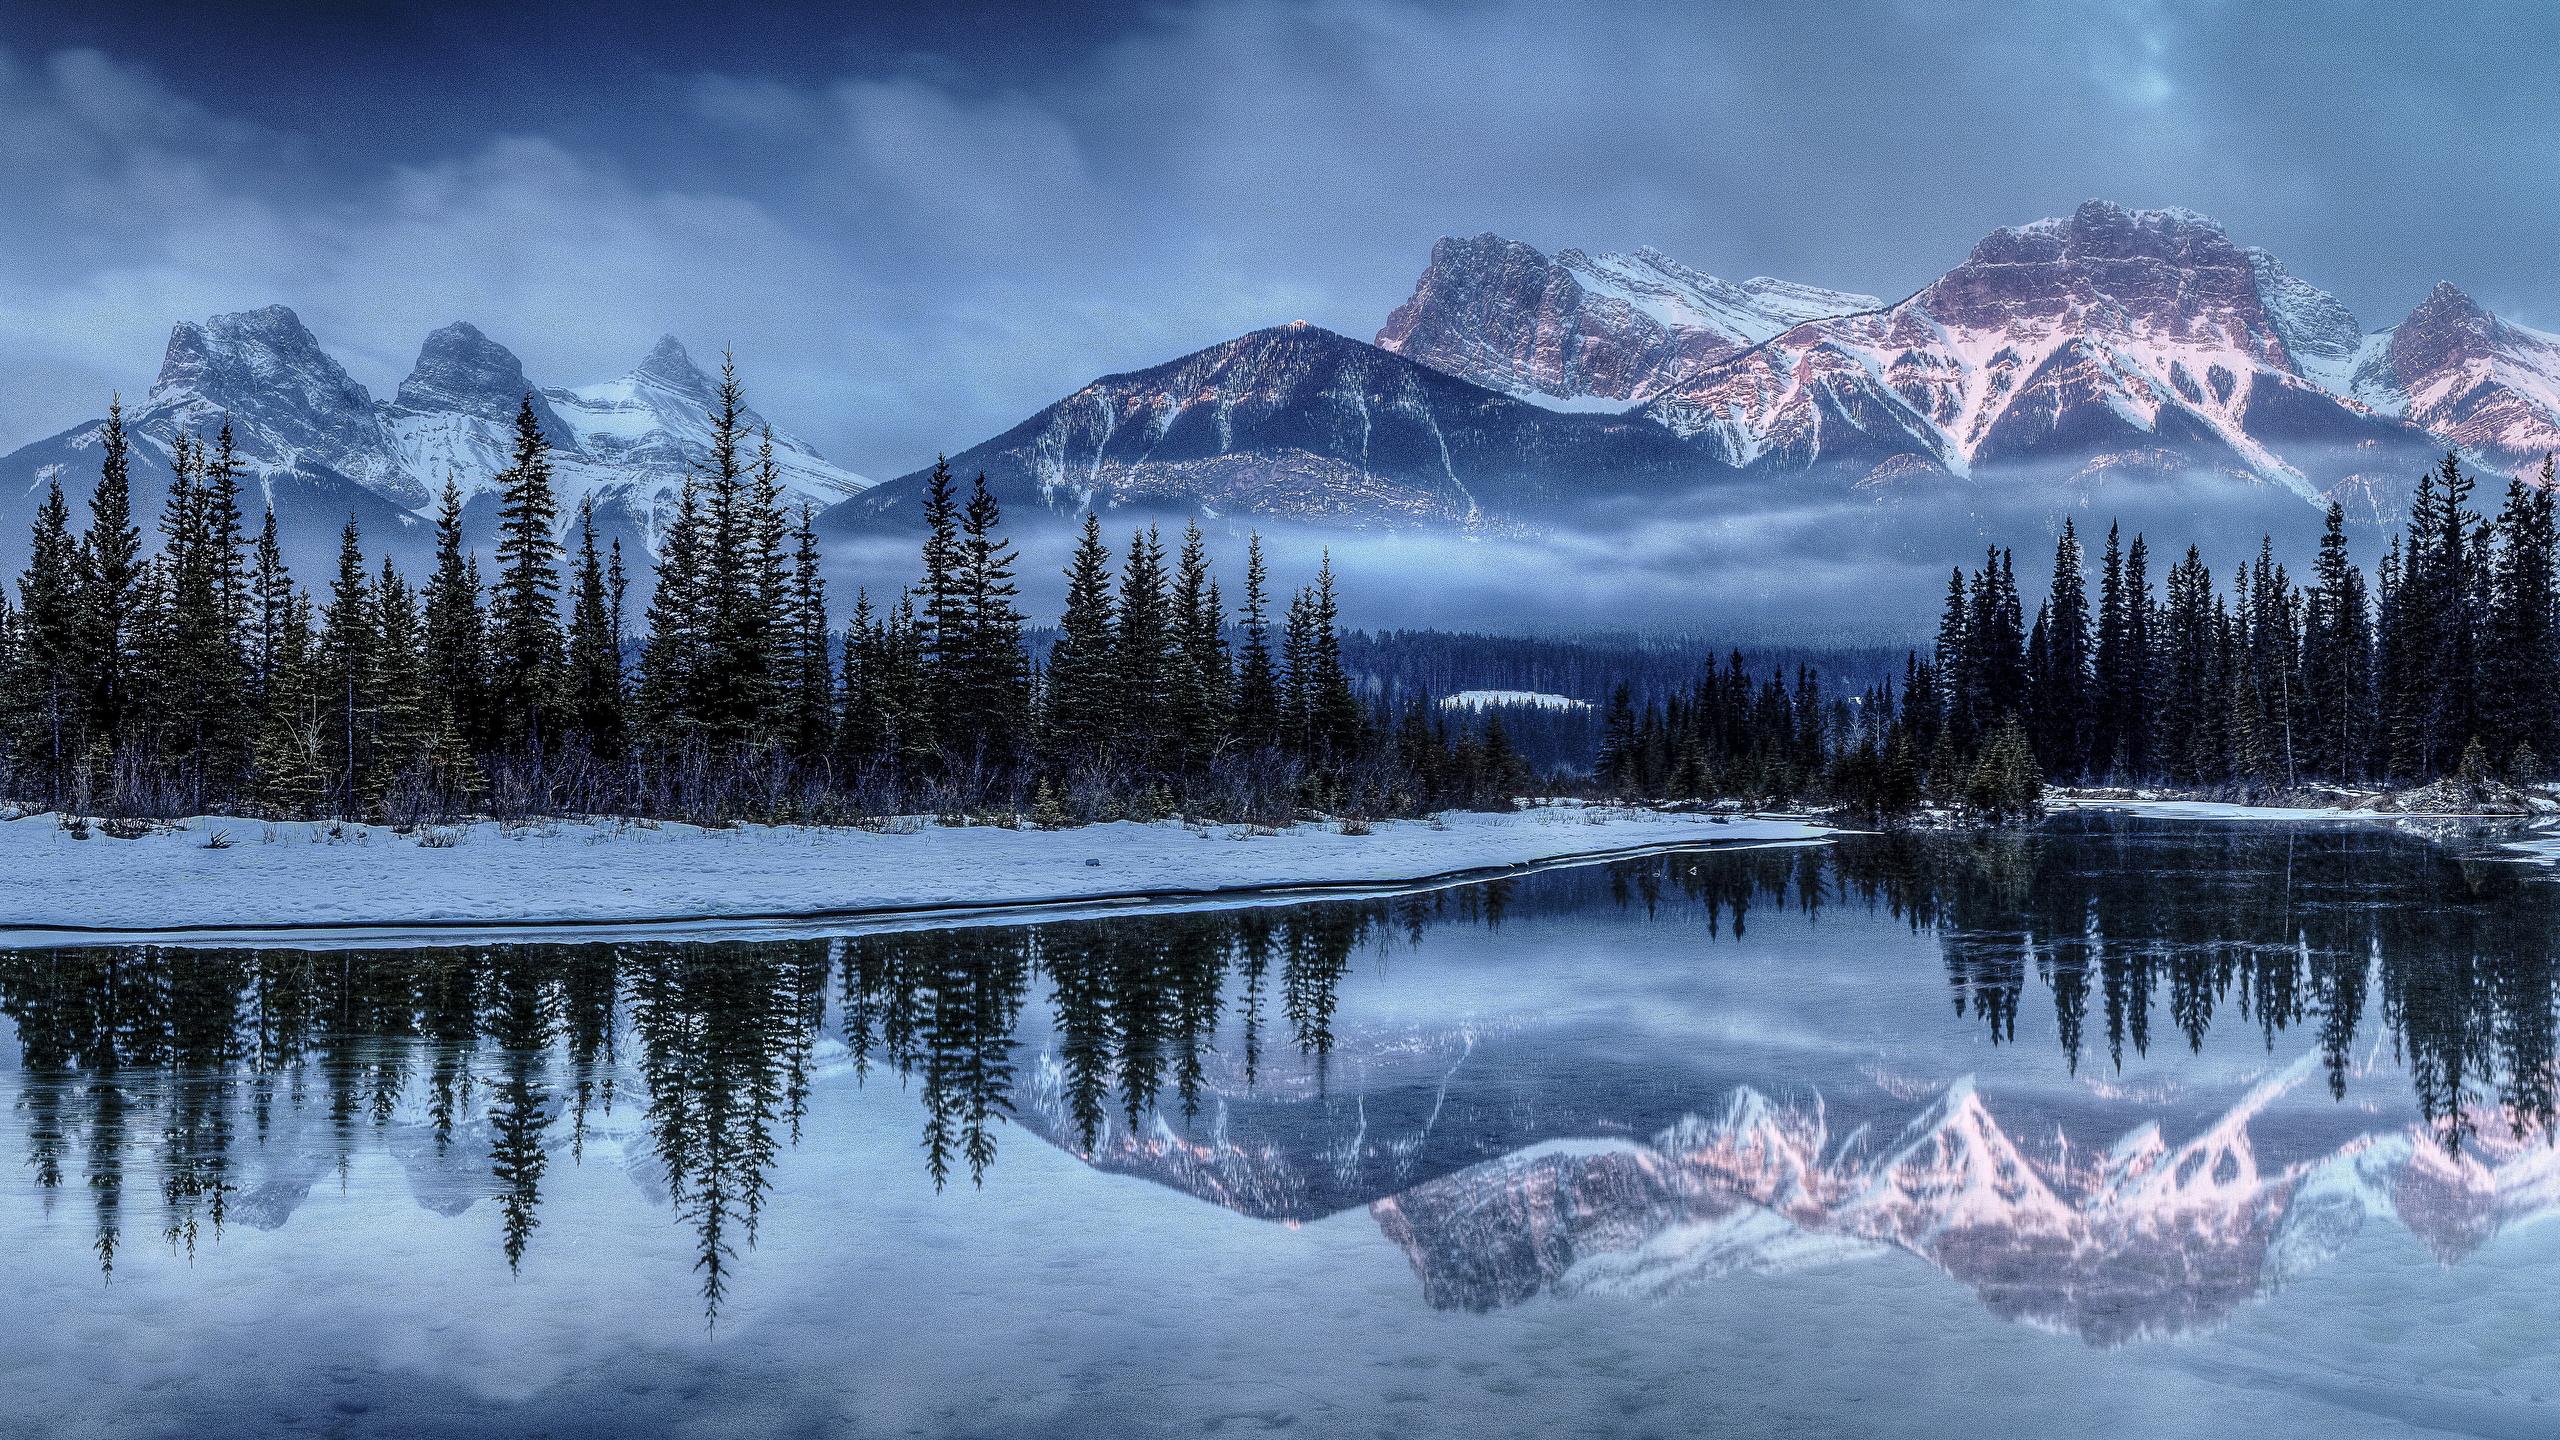 壁紙 2560x1440 季節 冬 山 風景写真 湖 トウヒ属 雪 自然 ダウンロード 写真